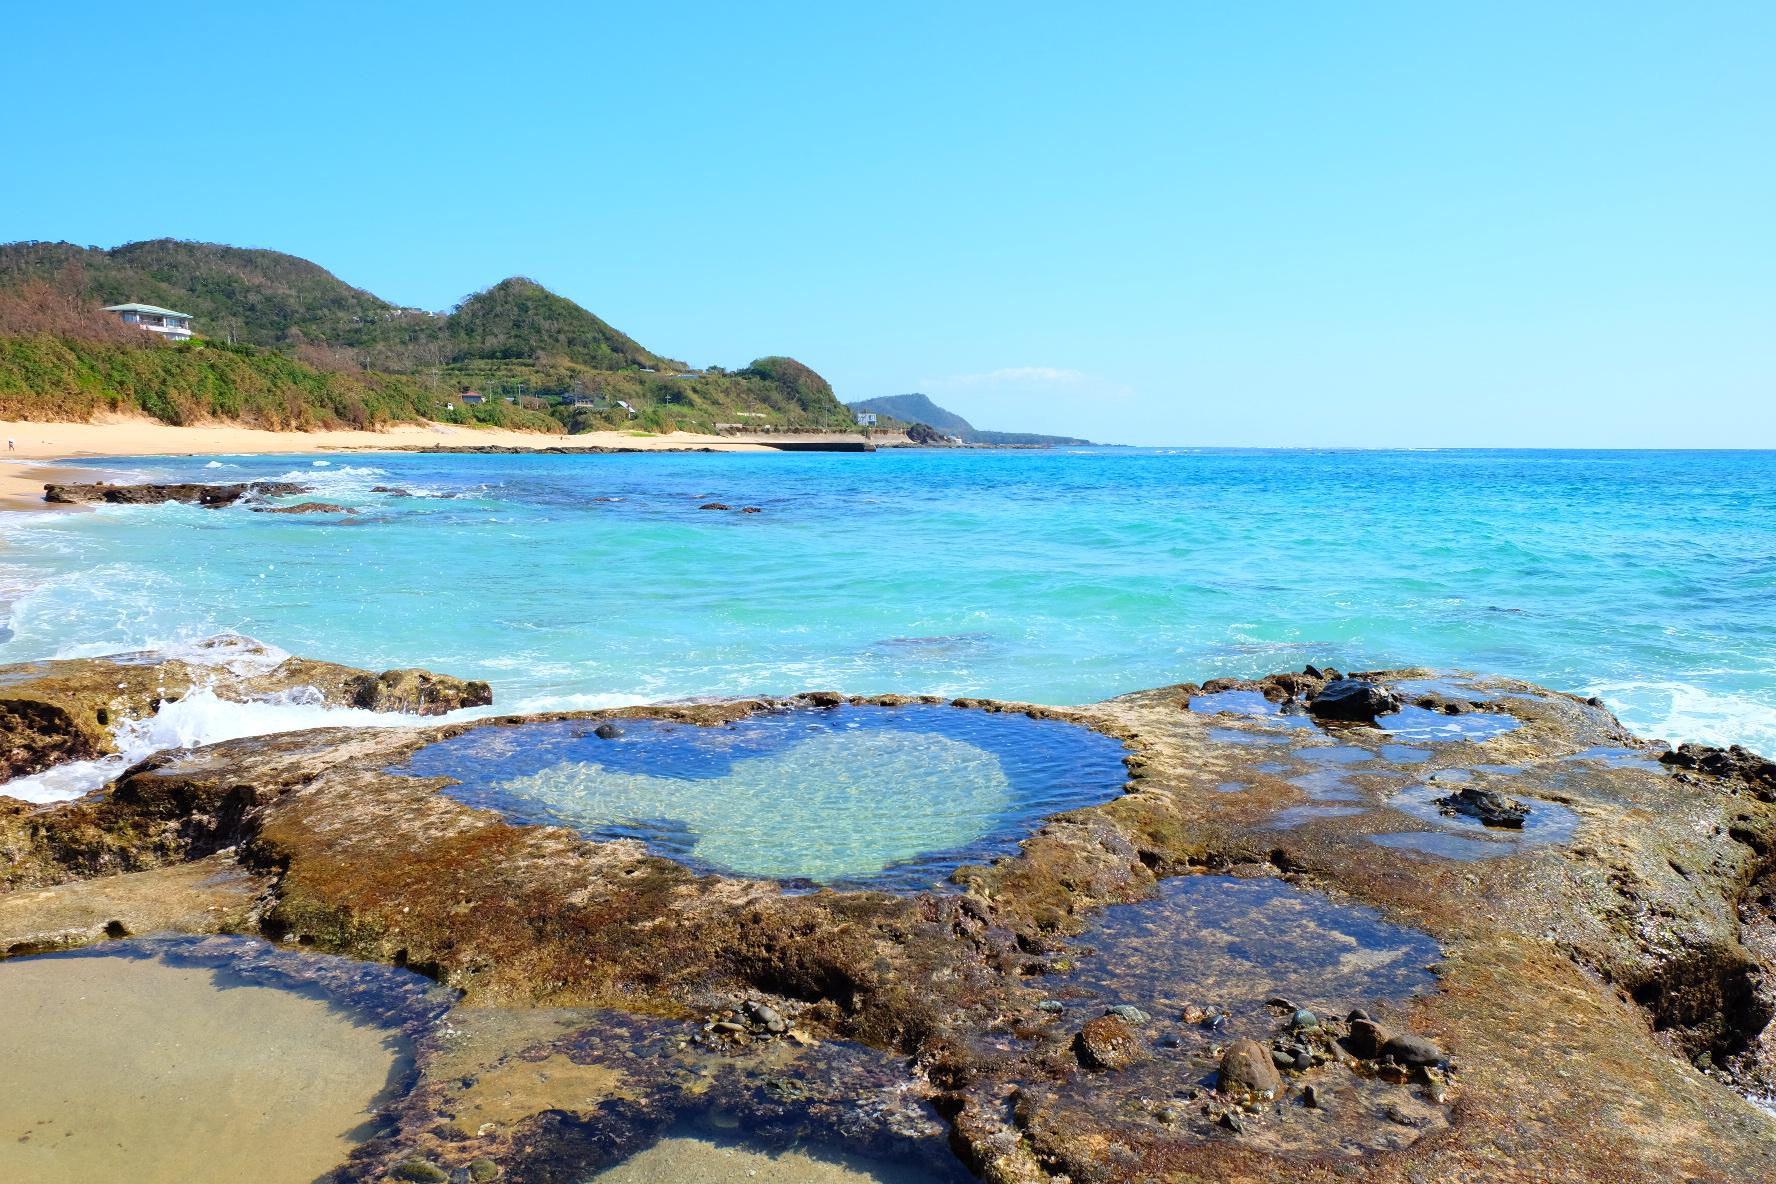 Amami coast